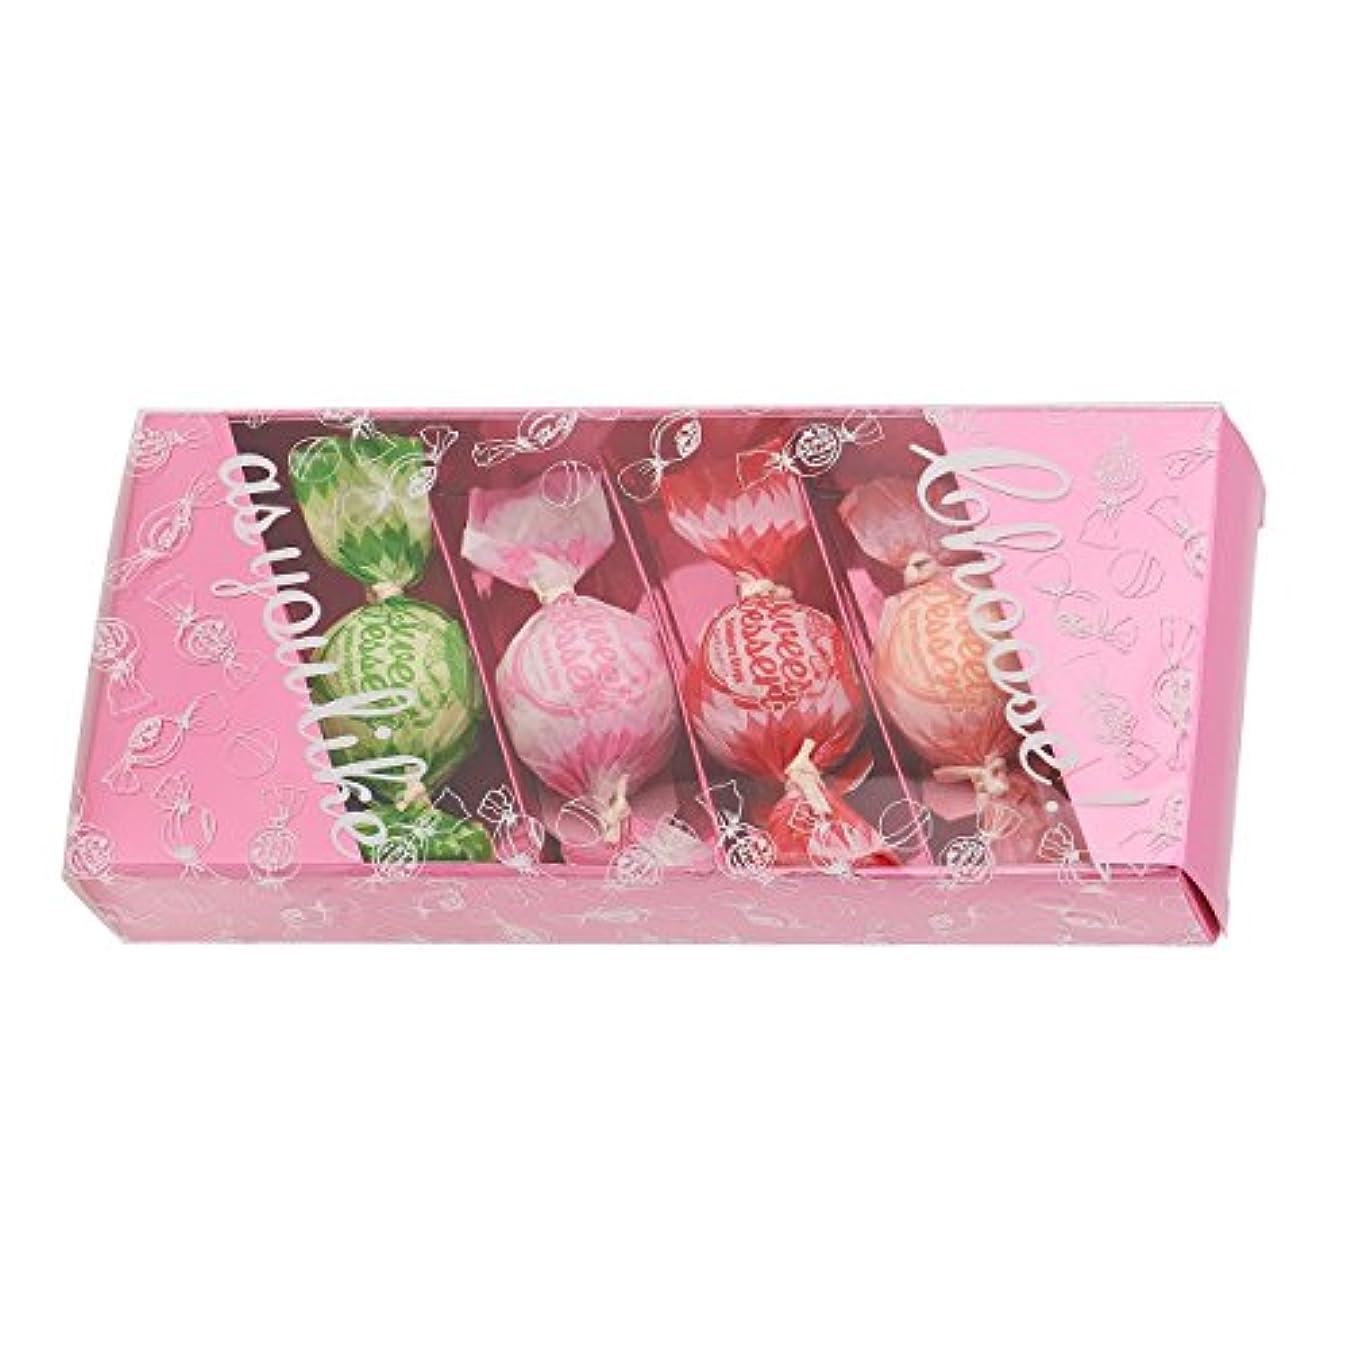 制限された版エンターテインメントアマイワナ バスキャンディー4粒ギフトセット(35g×4個) ピンク(発泡タイプ入浴料 バスギフト)